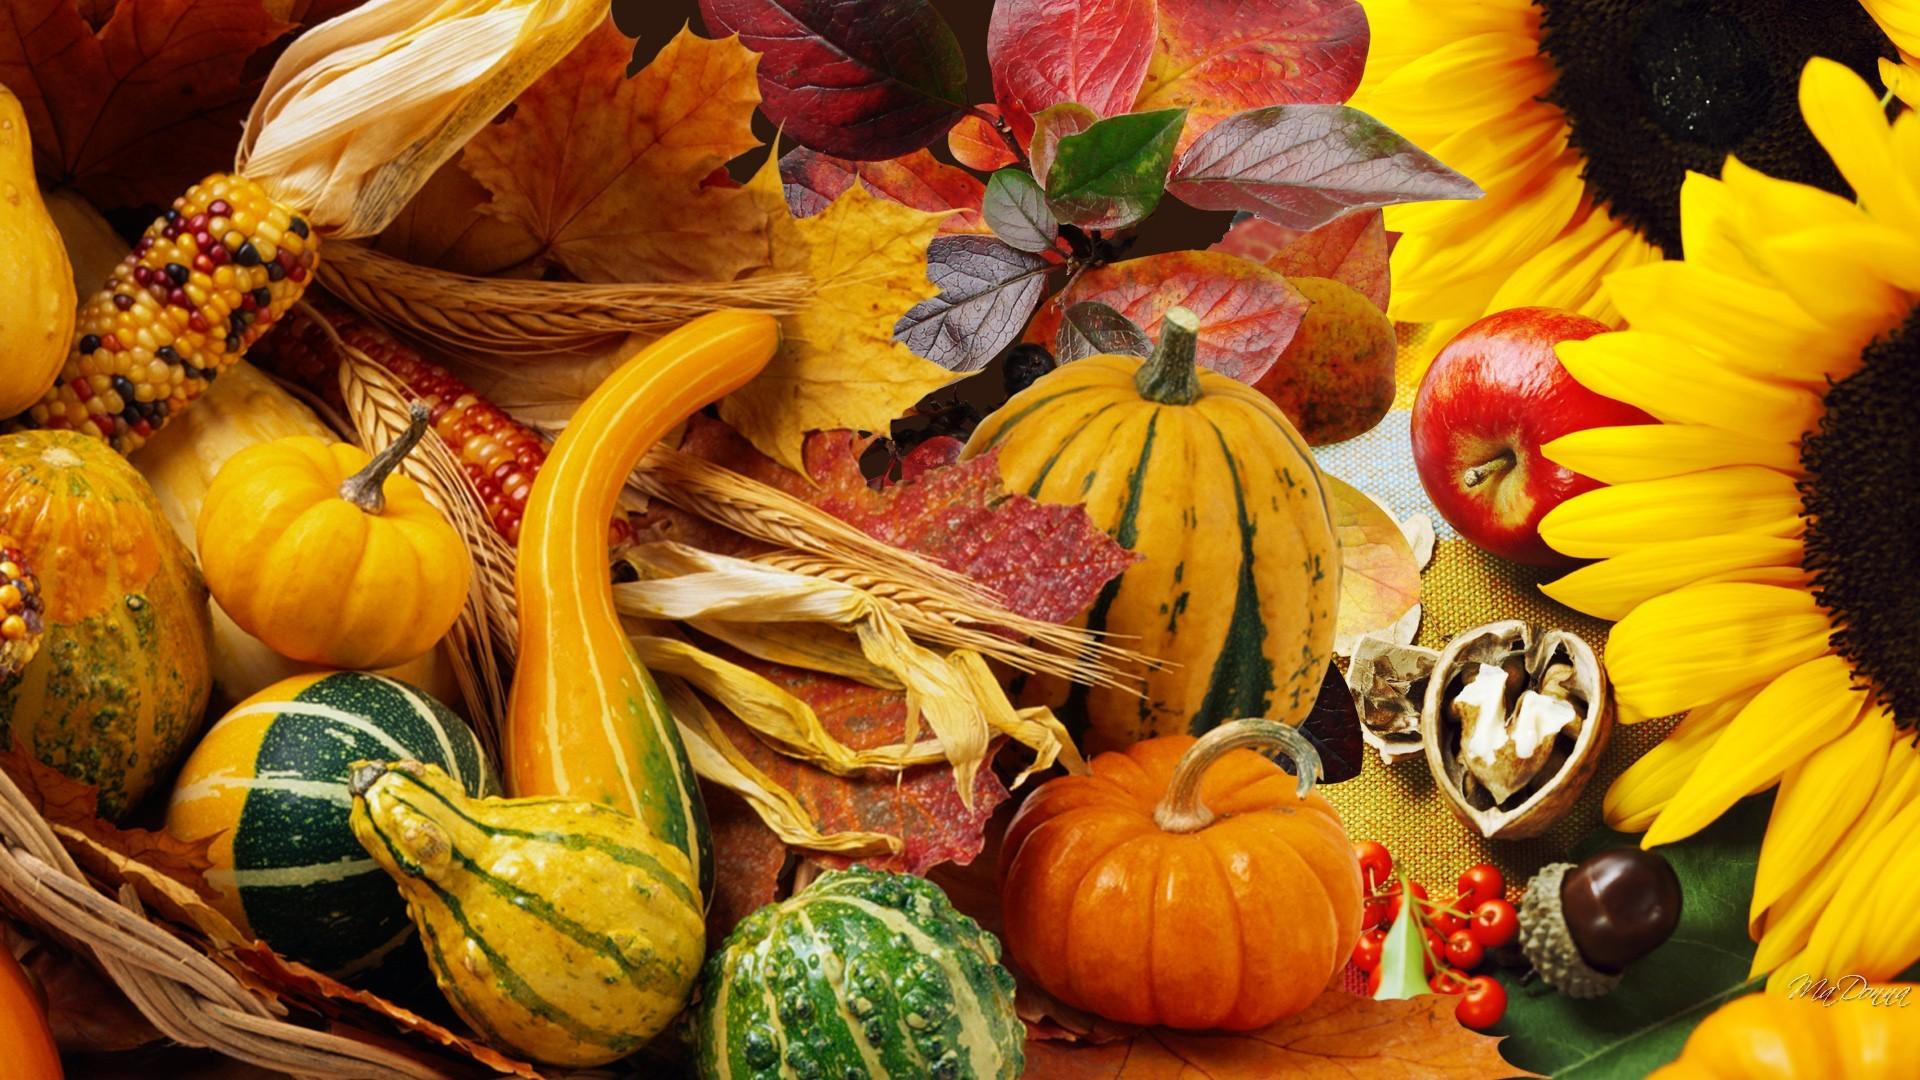 Misc: Squash Leaves Harvest Vegetables Fall Garden Thanksgiving ...